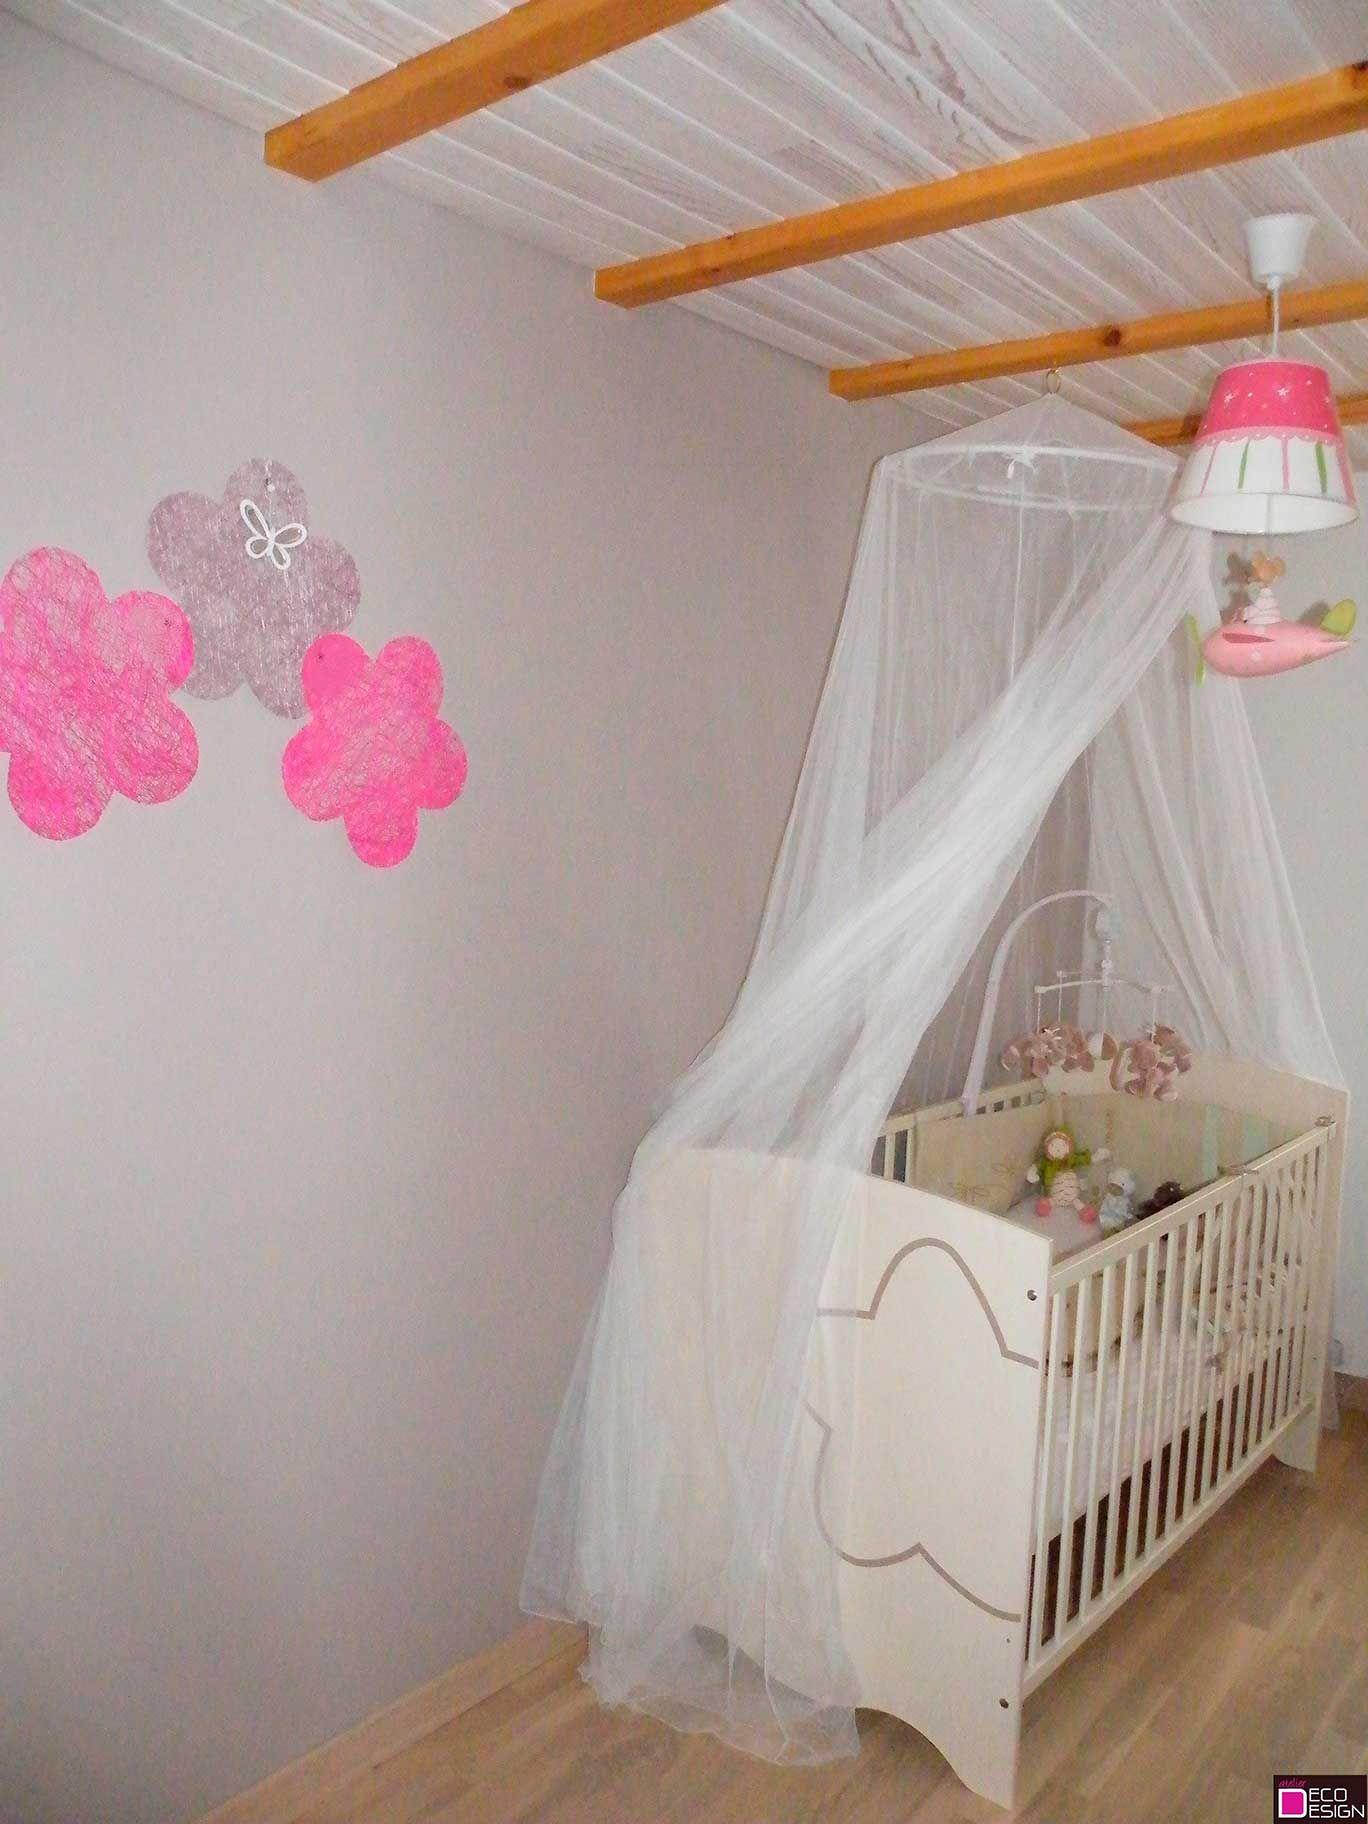 Décoration chambre bébé Strasbourg | Mes réalisations | Pinterest ...